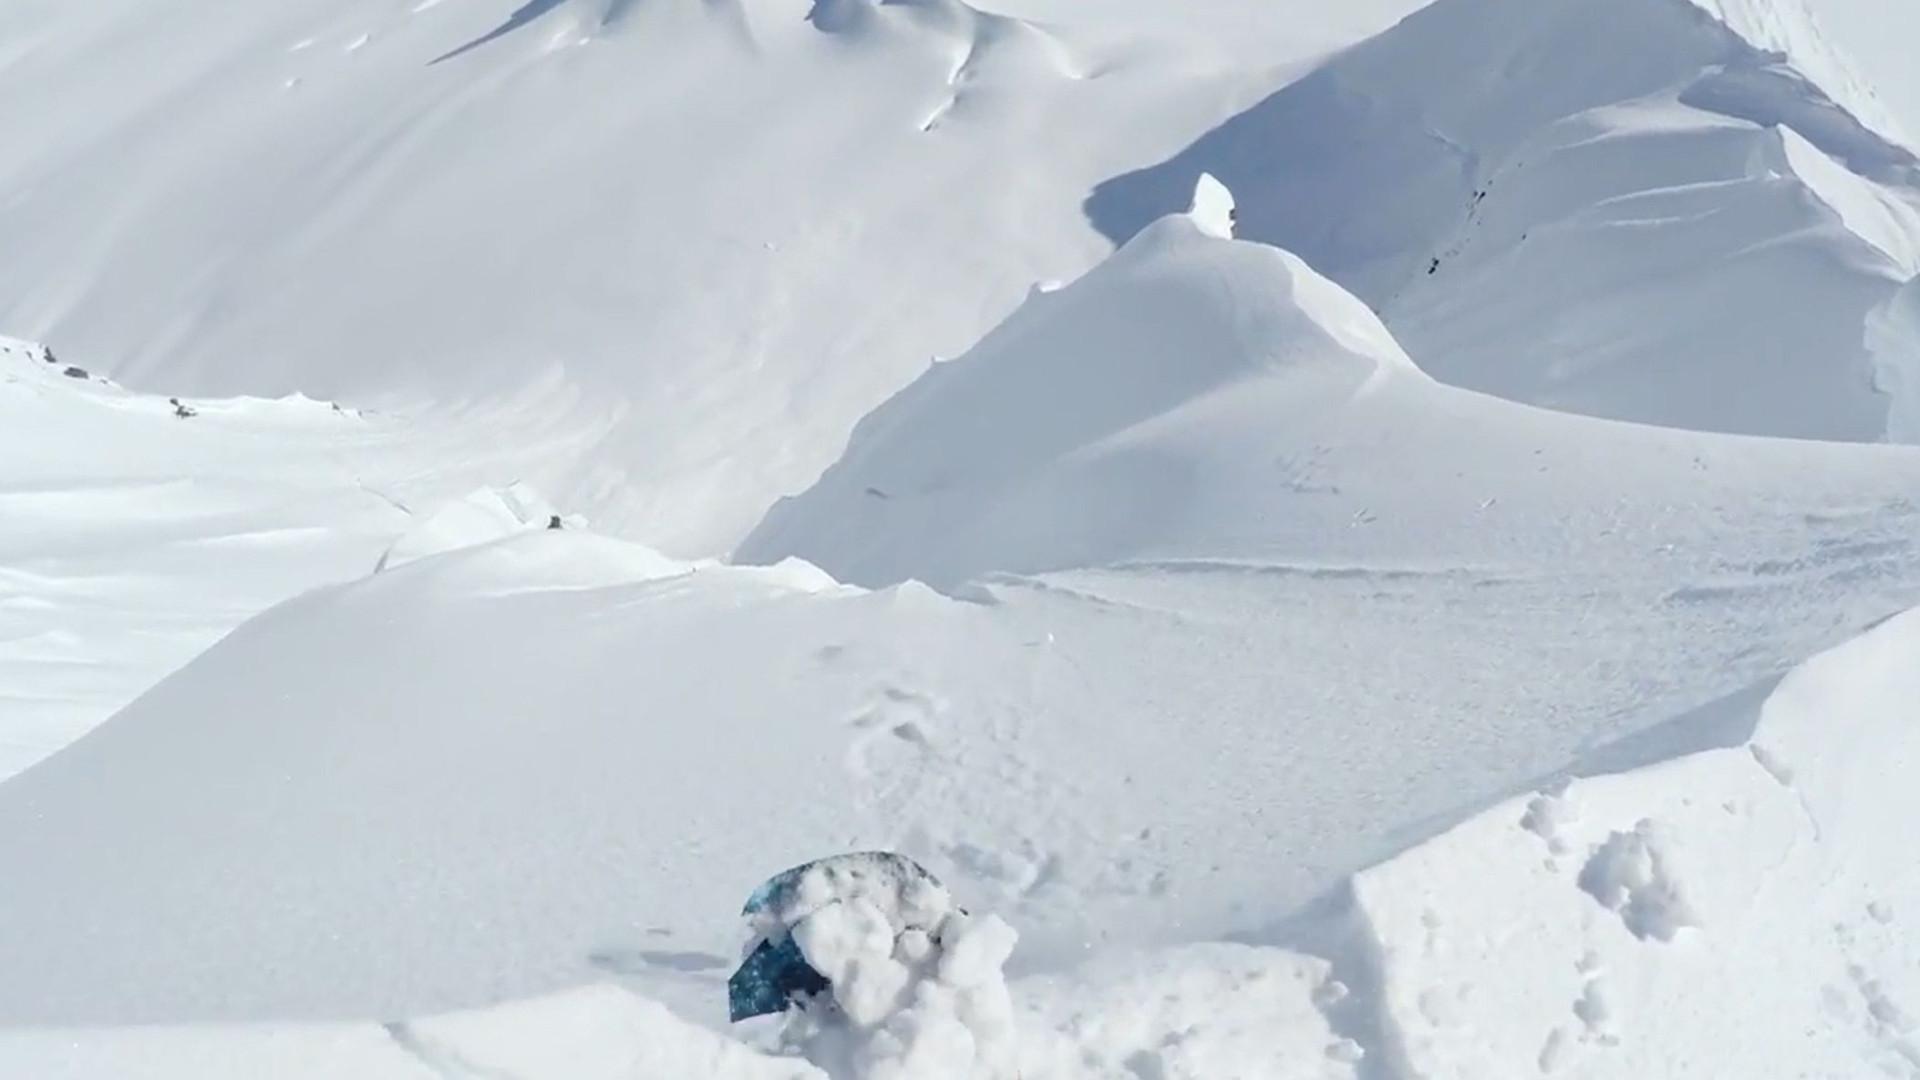 Quatro polacos morrem na queda de avião turístico em reserva do Alasca